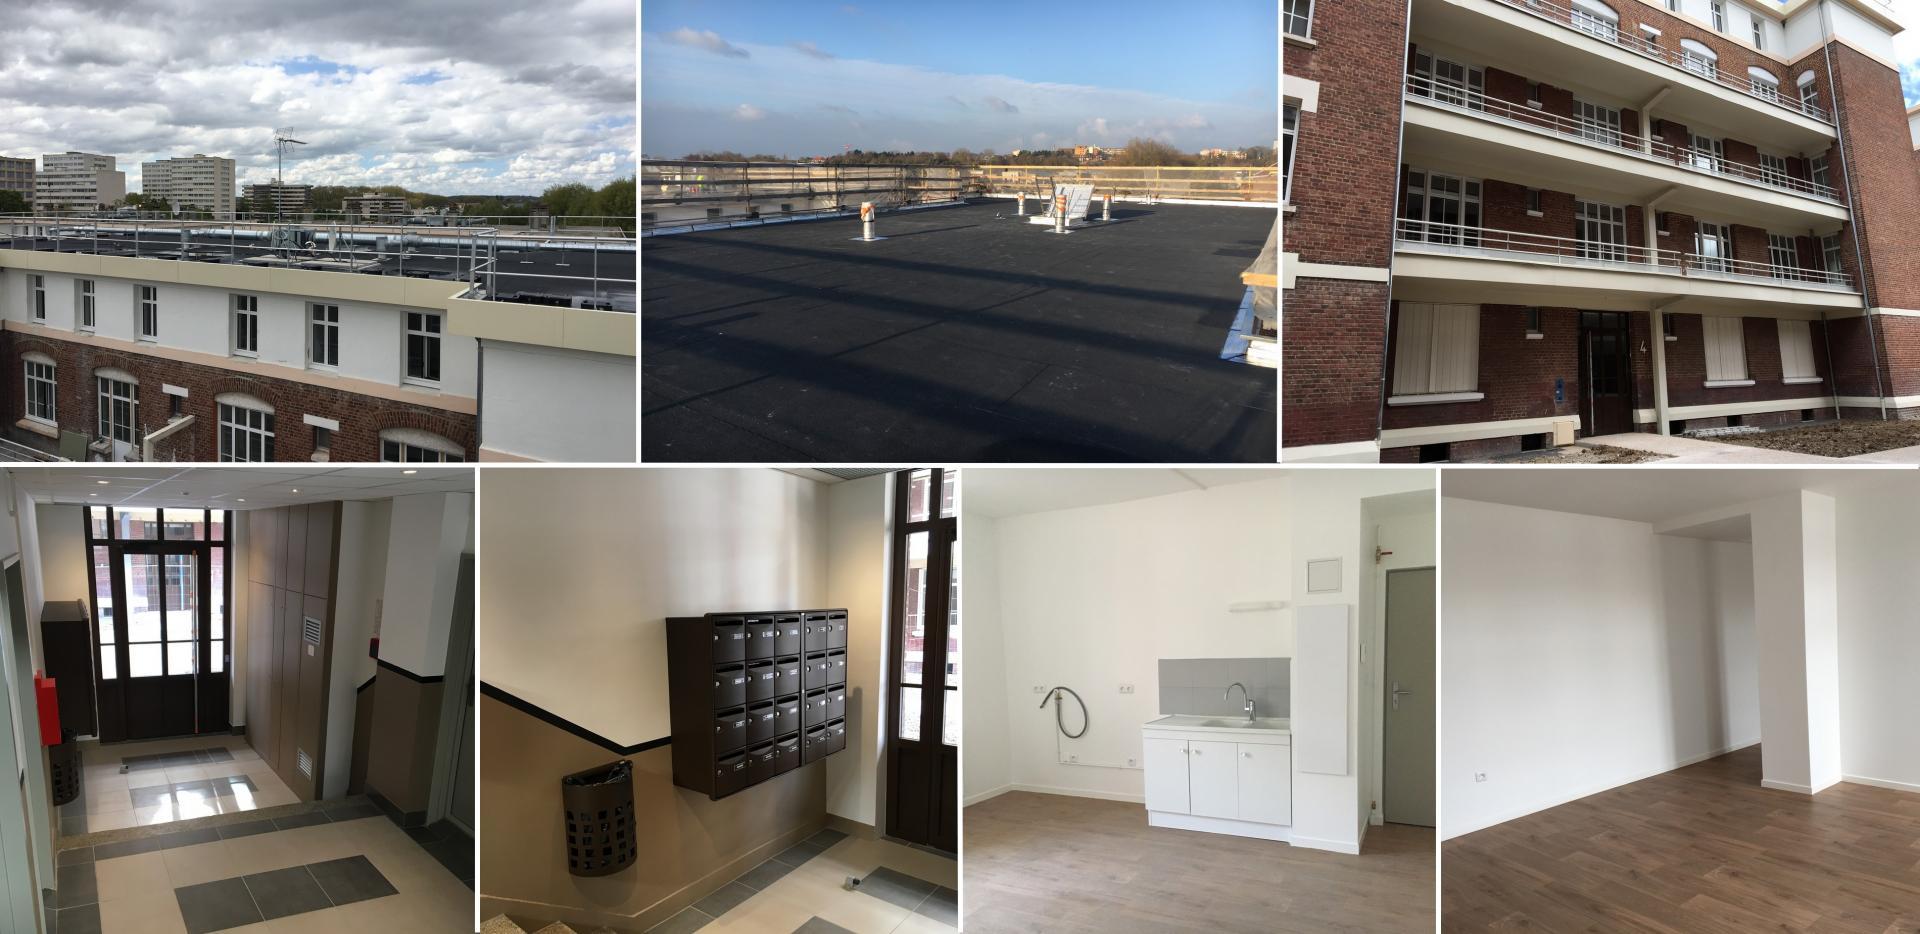 OPAC AMIENS - Réhabilitation de 95 logements